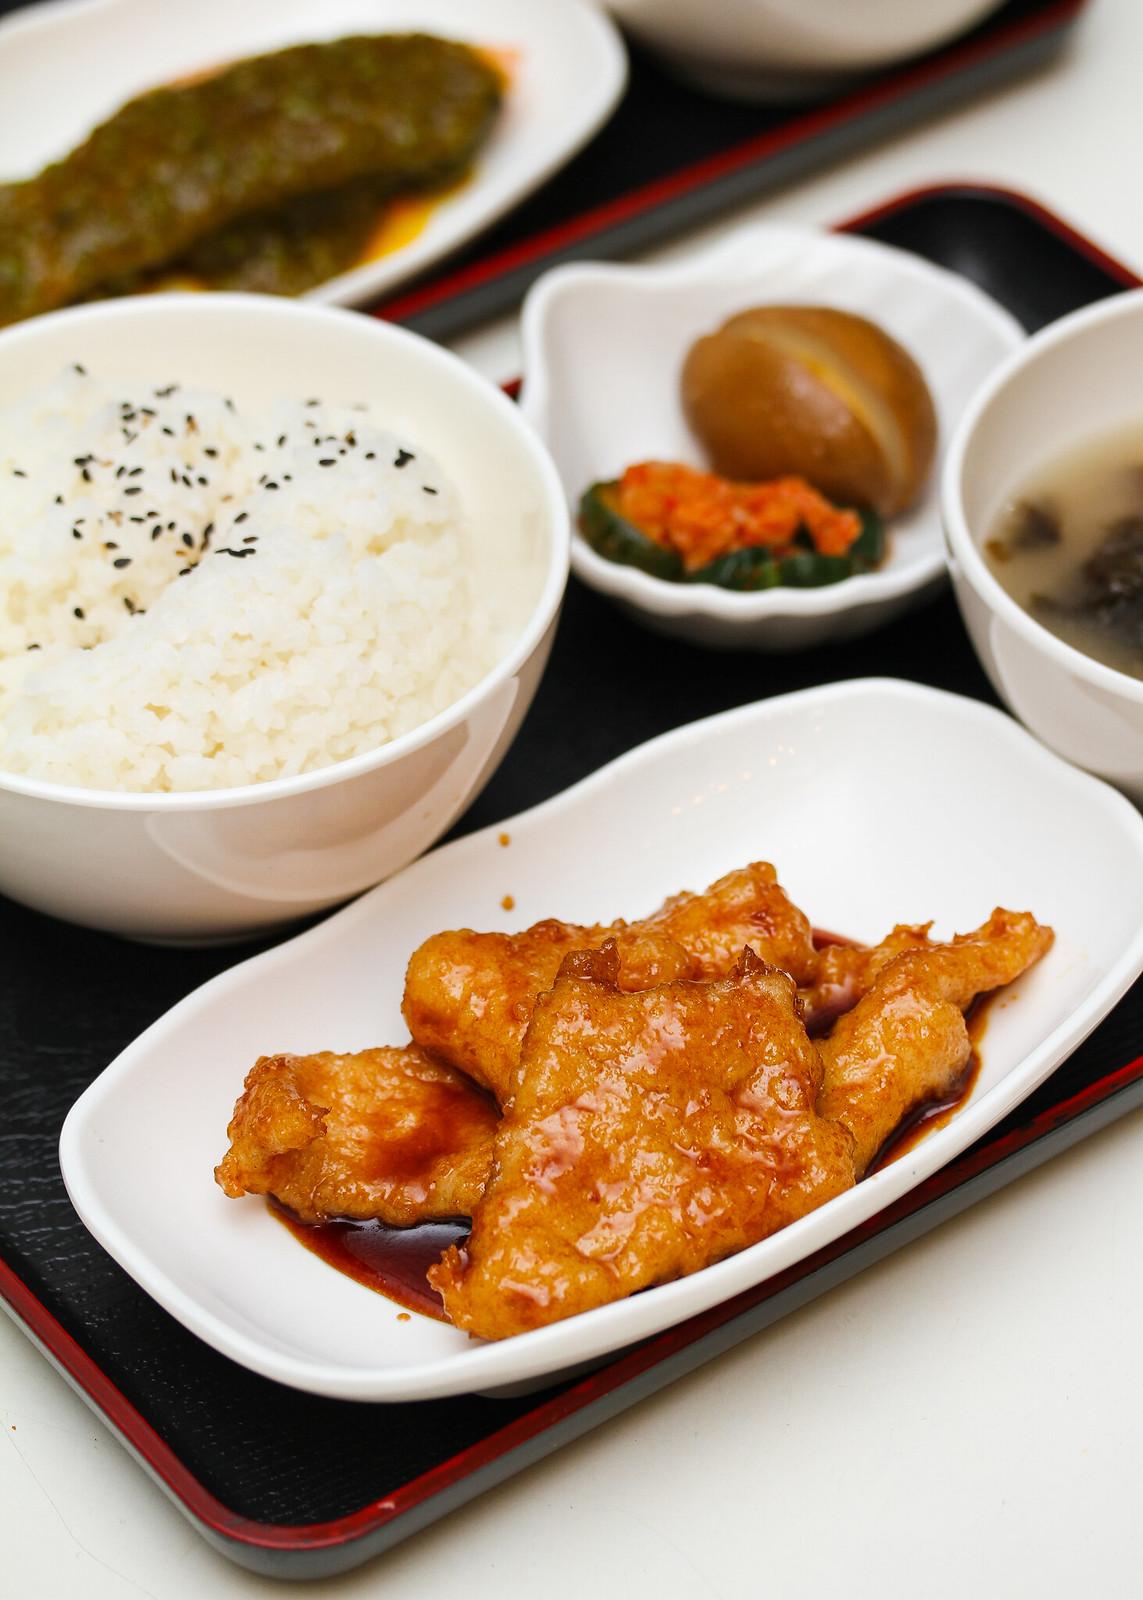 Taste of Taiwan - Pork Cutlet